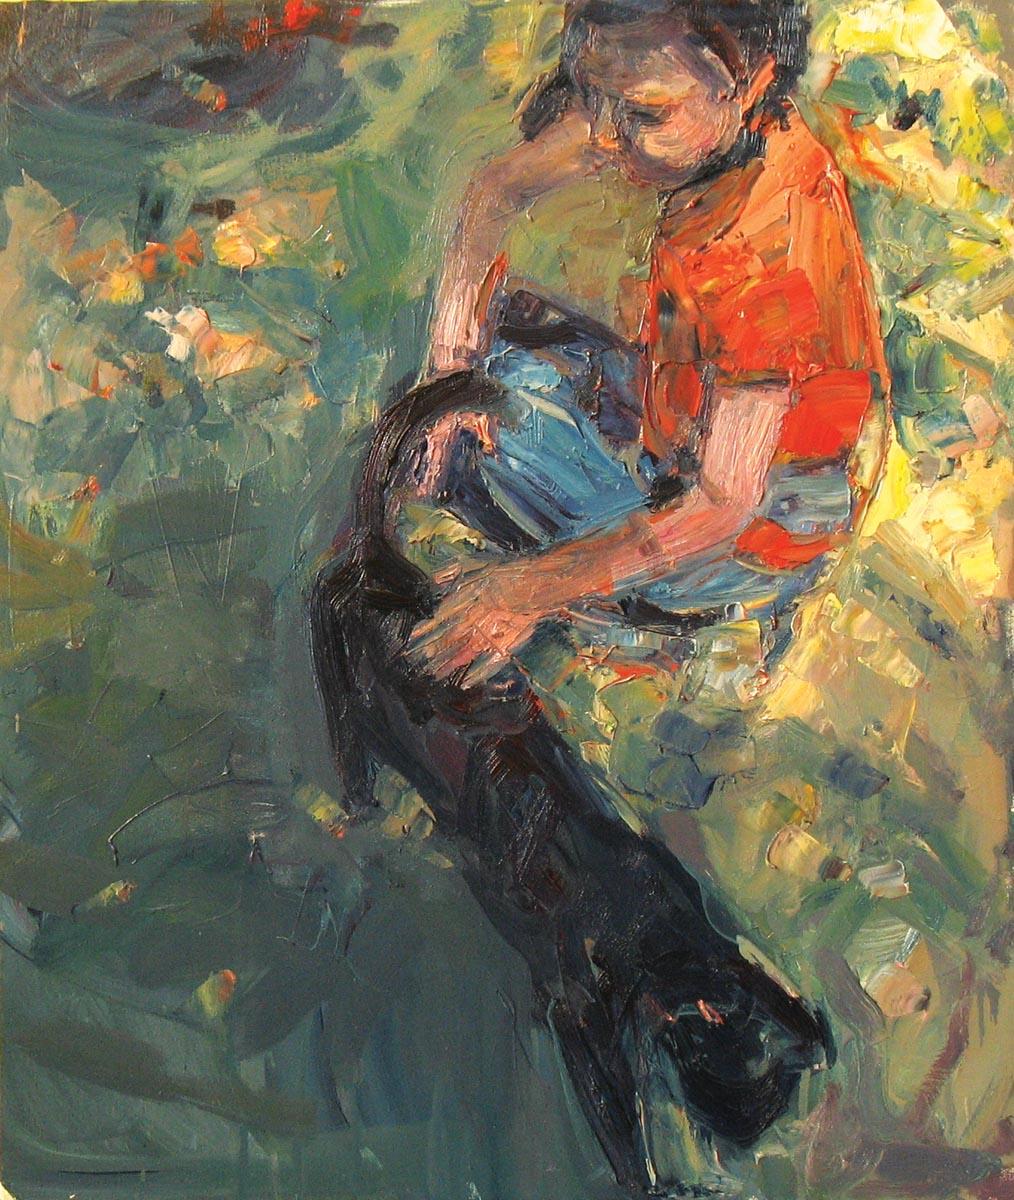 Marta lipowska, Kotek, olej na płótnie, 70 x 60cm